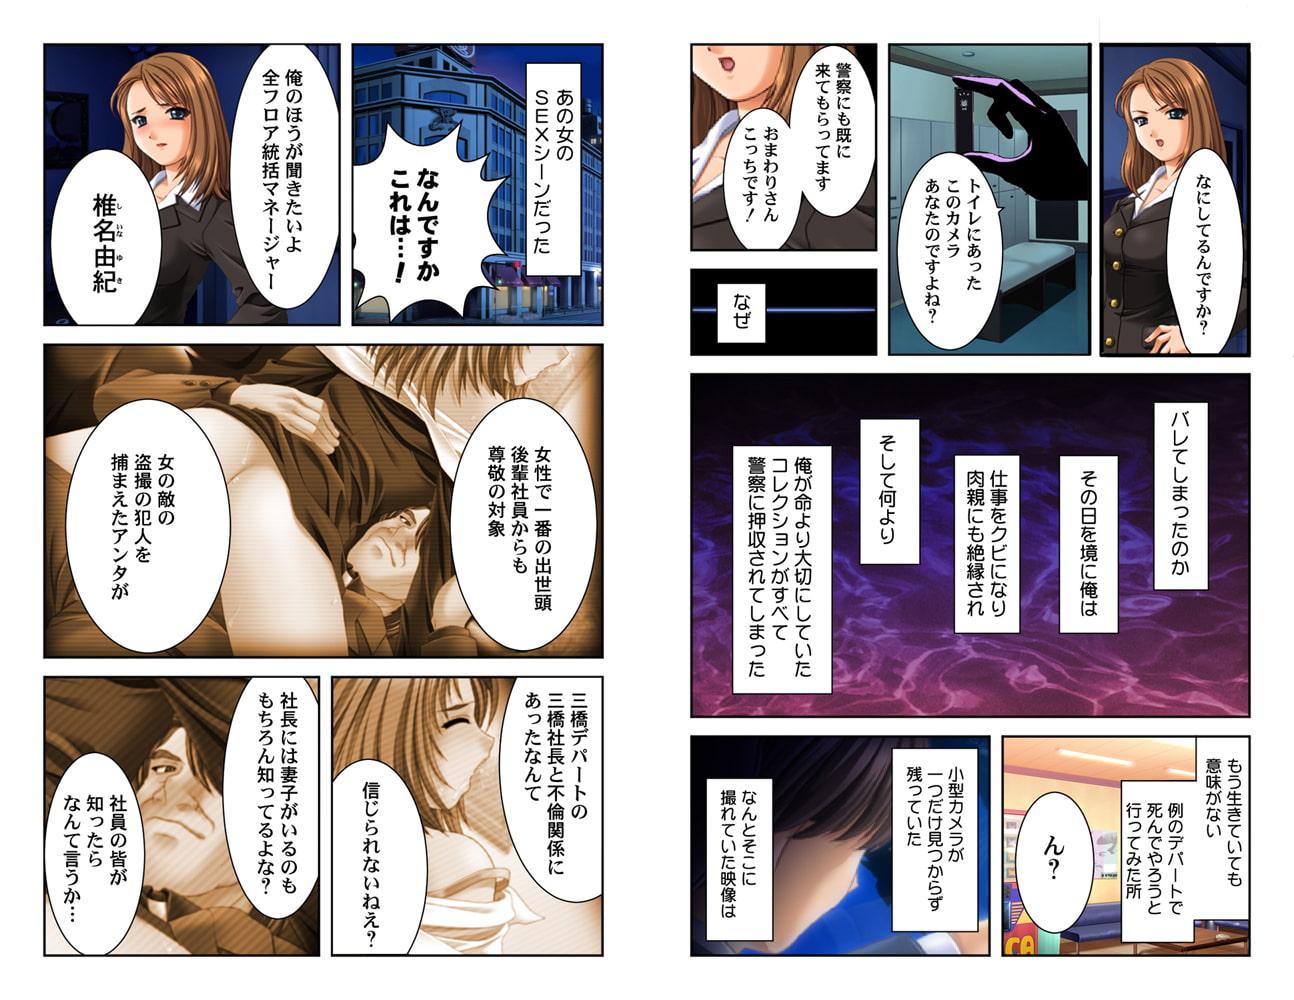 女を思い通りに調教せよ!!【侍侍コレクション】 1巻